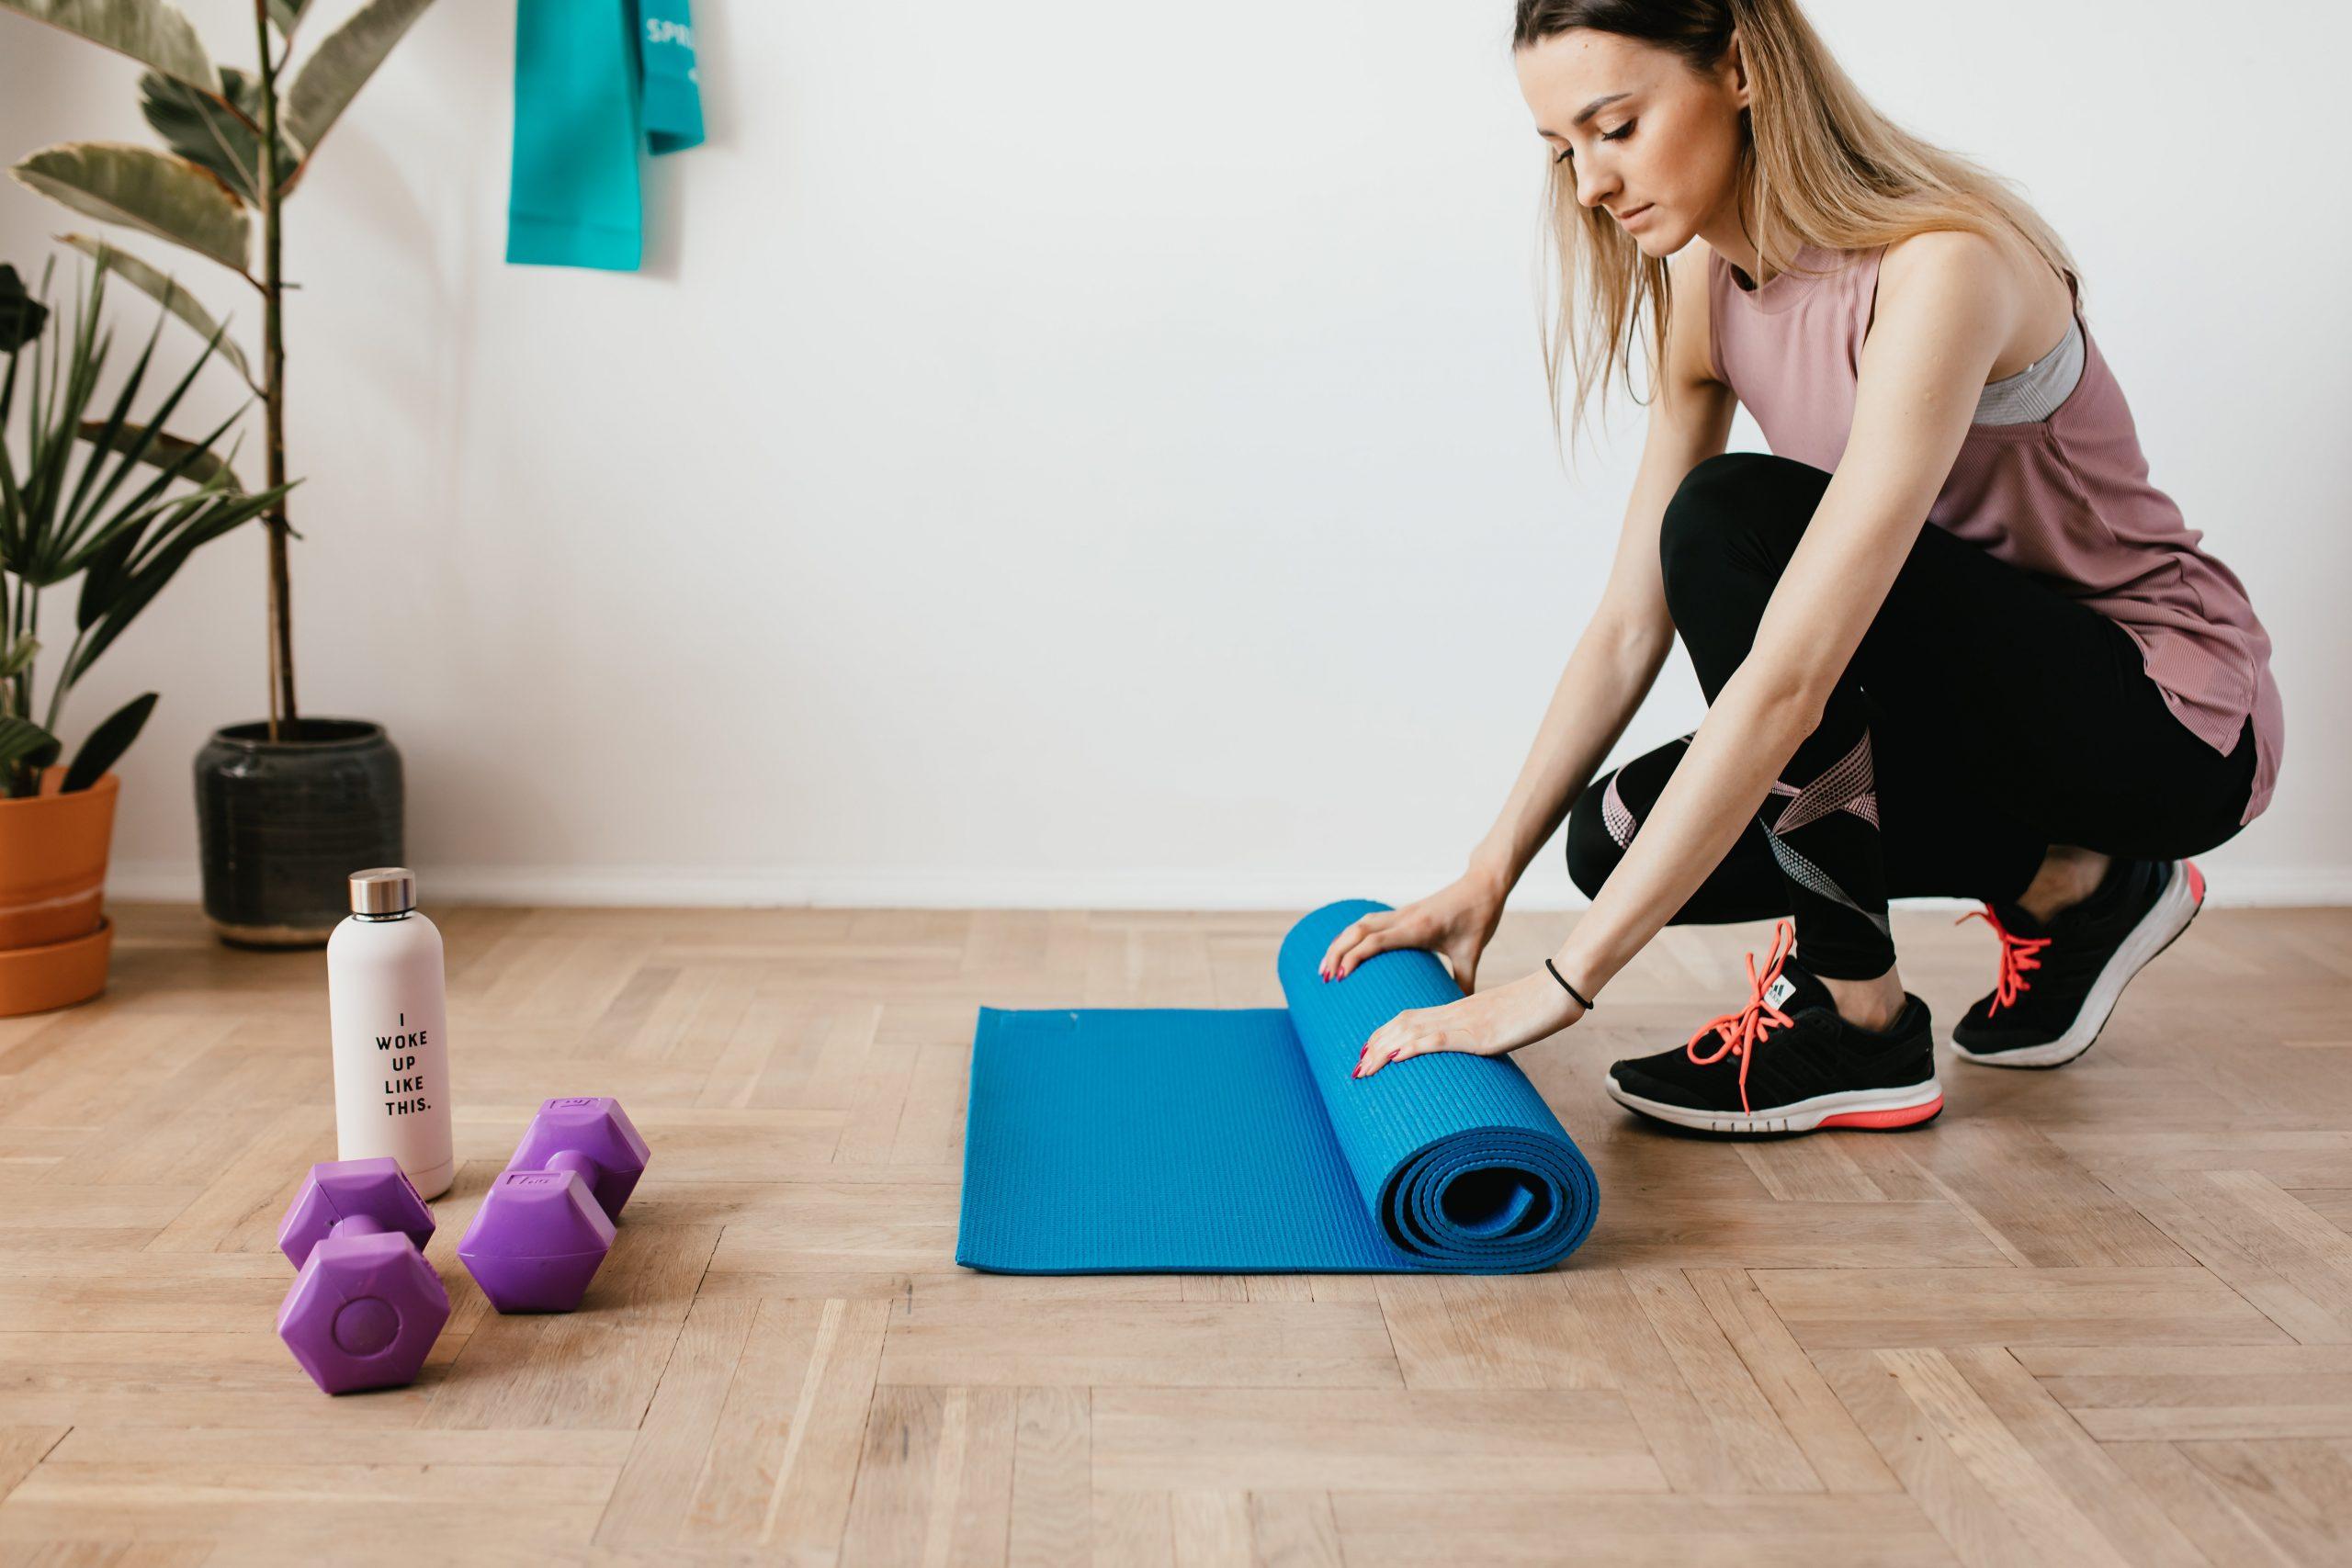 Imagem de uma mulher enrolando um tapete de exercício.